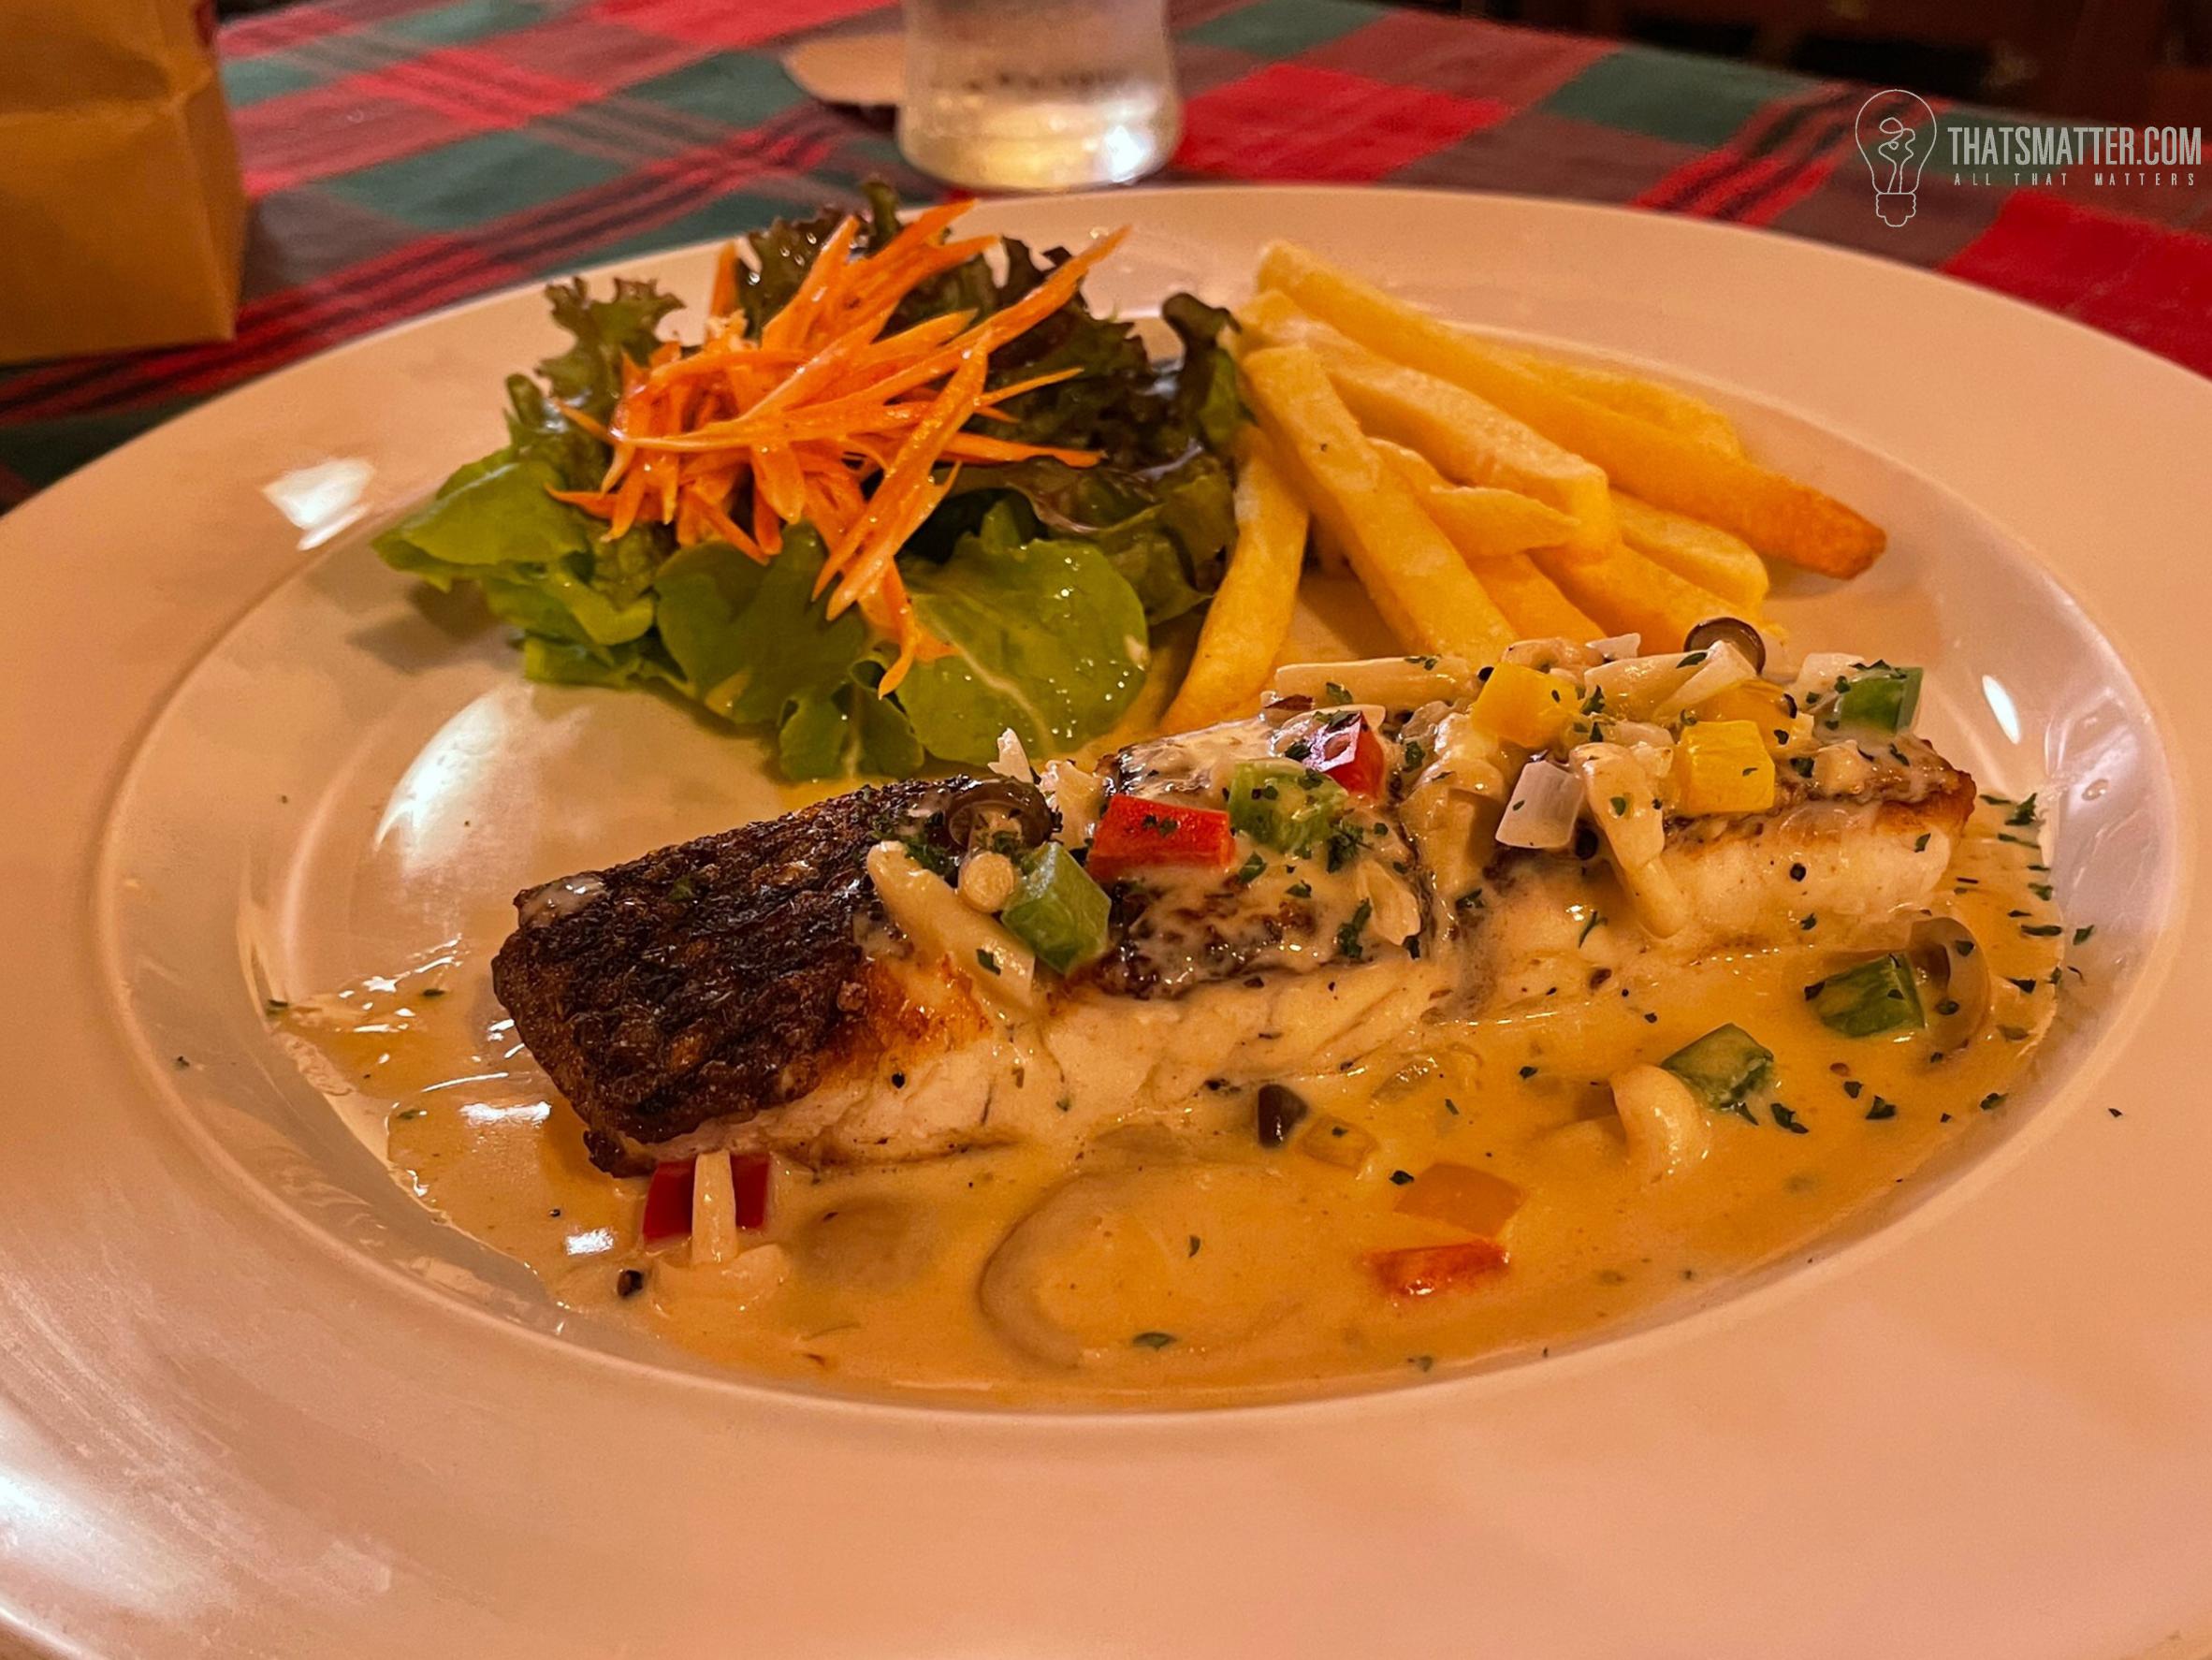 สเต็กปลากระพง ซอสไวน์ขาว Taste Add